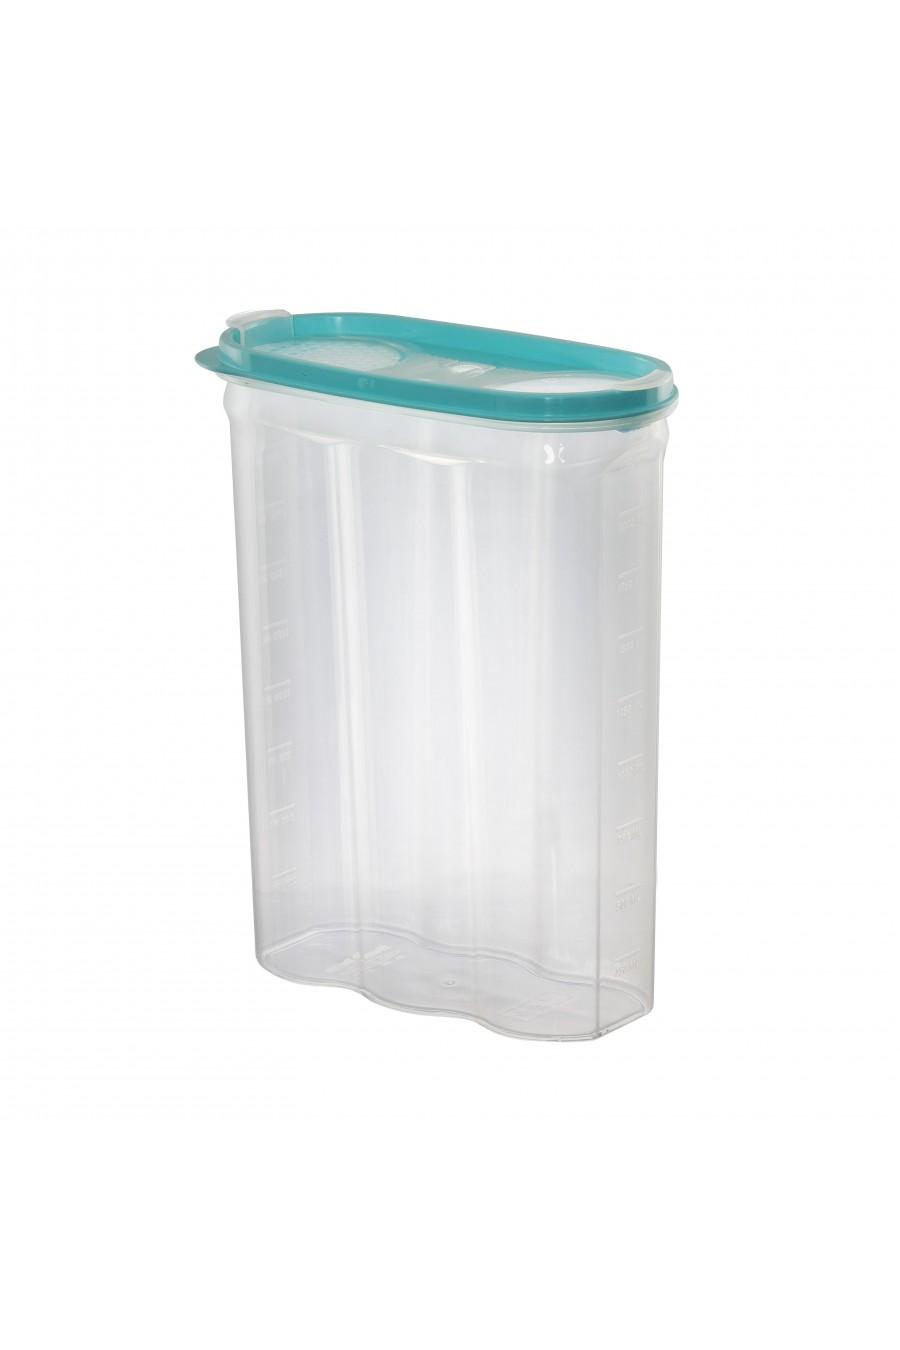 PlastArt Dikey Erzak Kabı | 2.4 lt